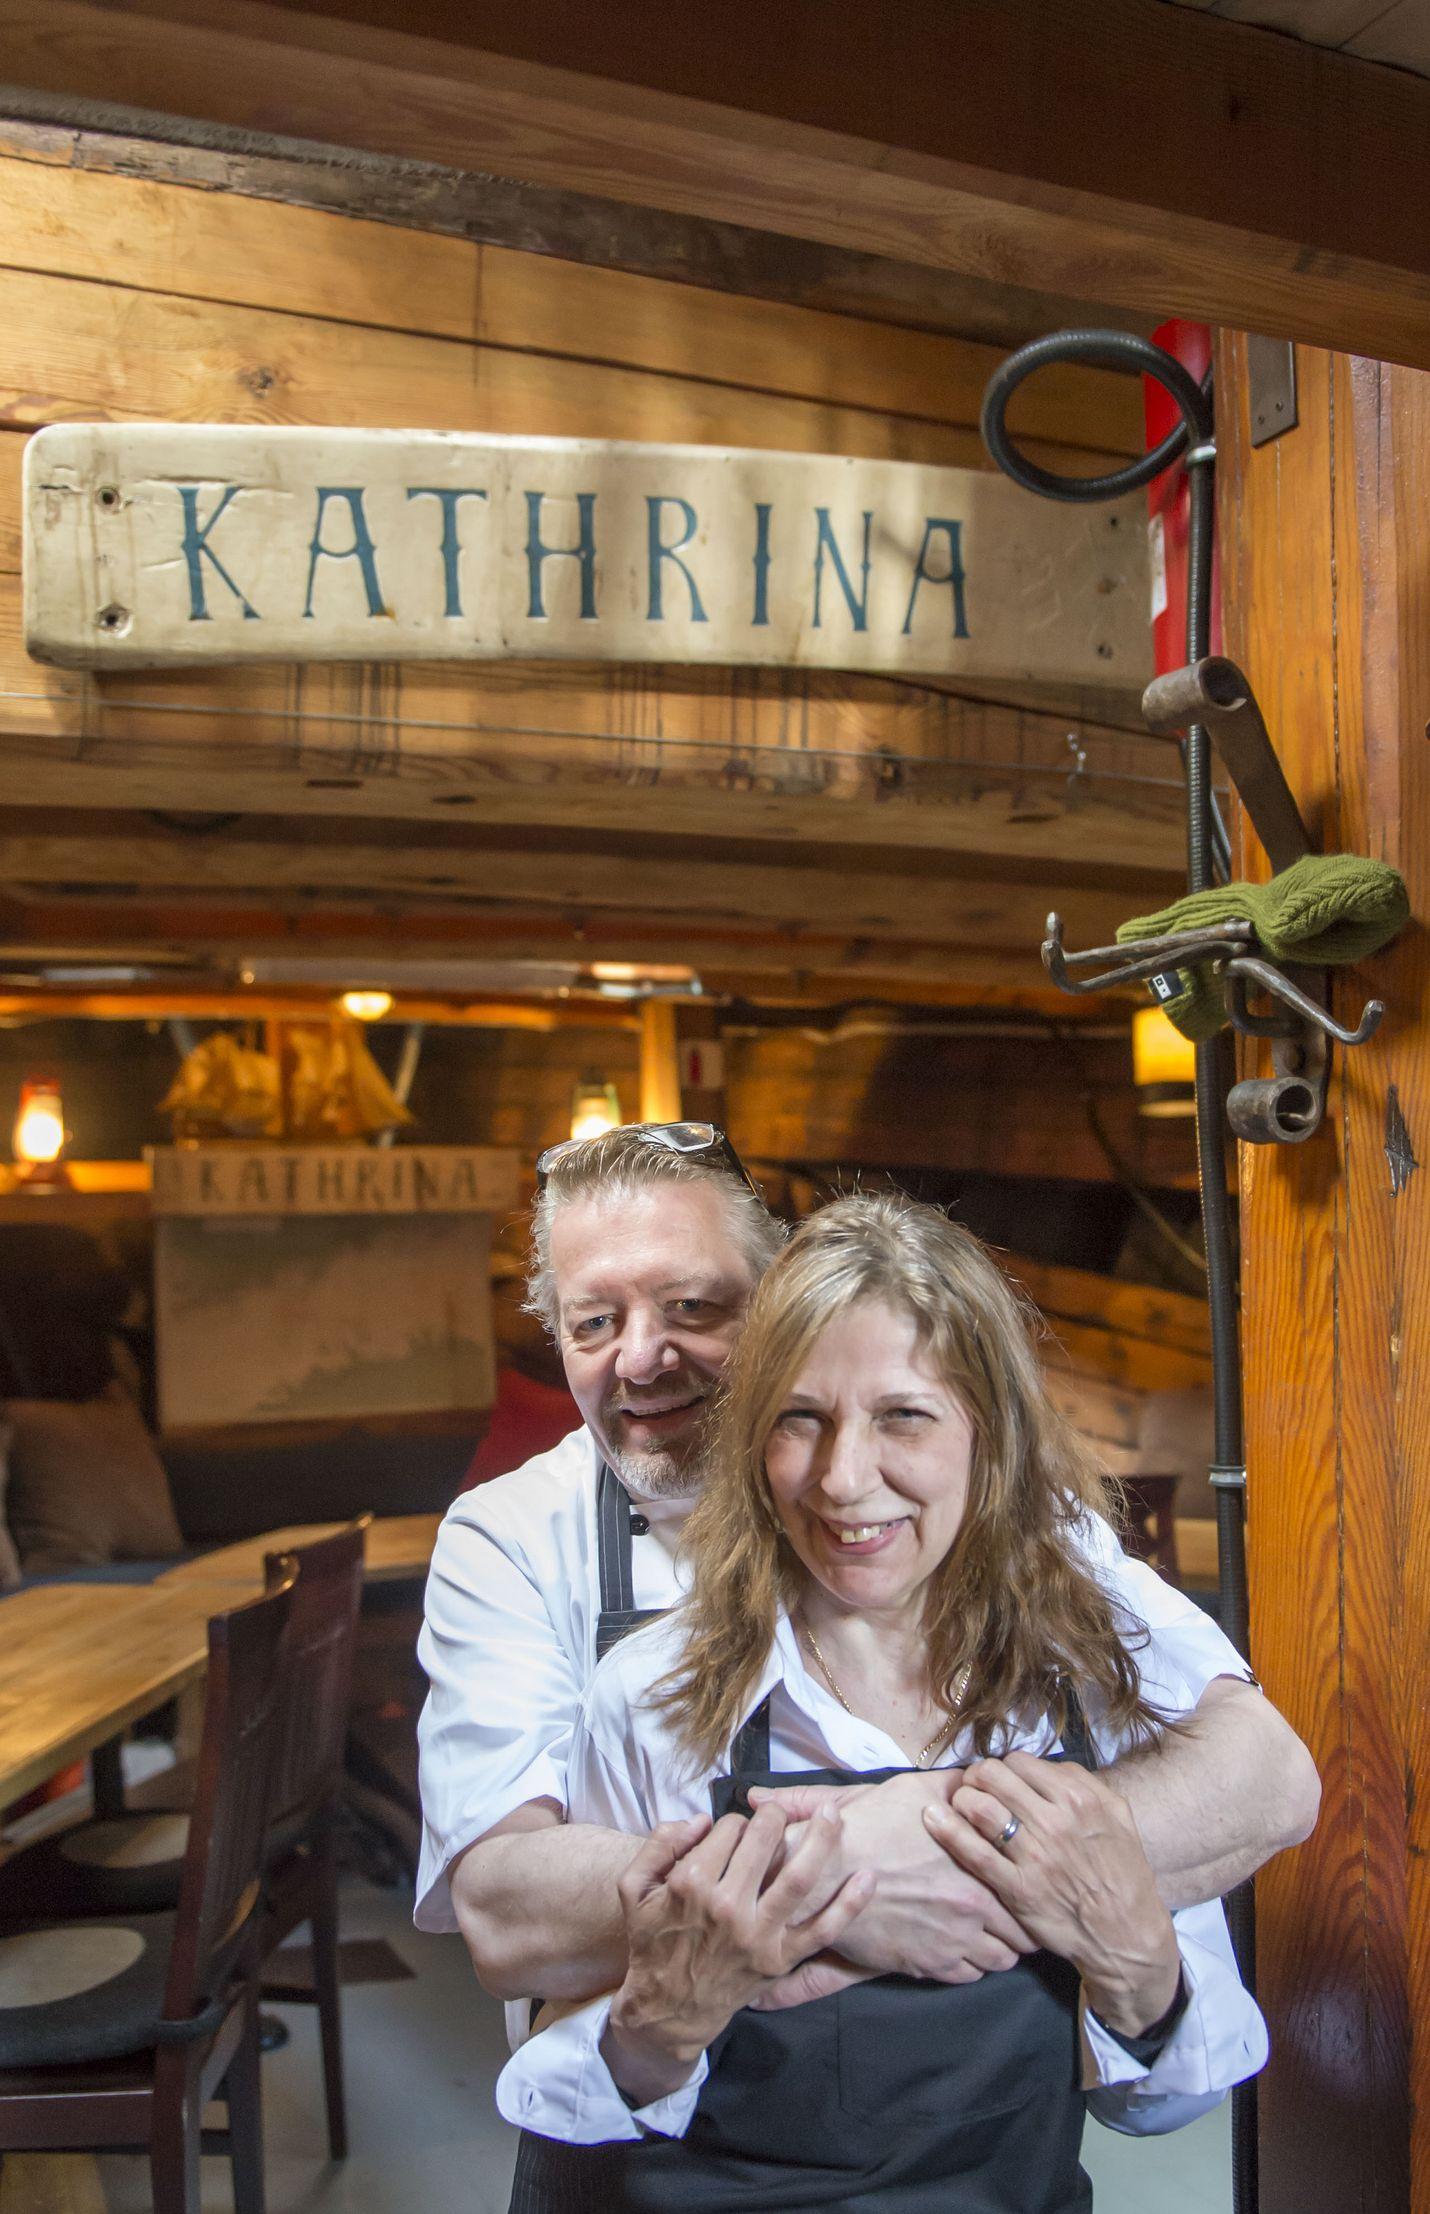 """Kathrina toimii tänä kesänä ravintolalaivana. Puosun Kellaria ylläpitää """"kaksi kovaa koota"""", Kristiina """"Krisse"""" Ihander ja Kai """"Kaide"""" Ounamo. Kuva: Esa Urhonen"""